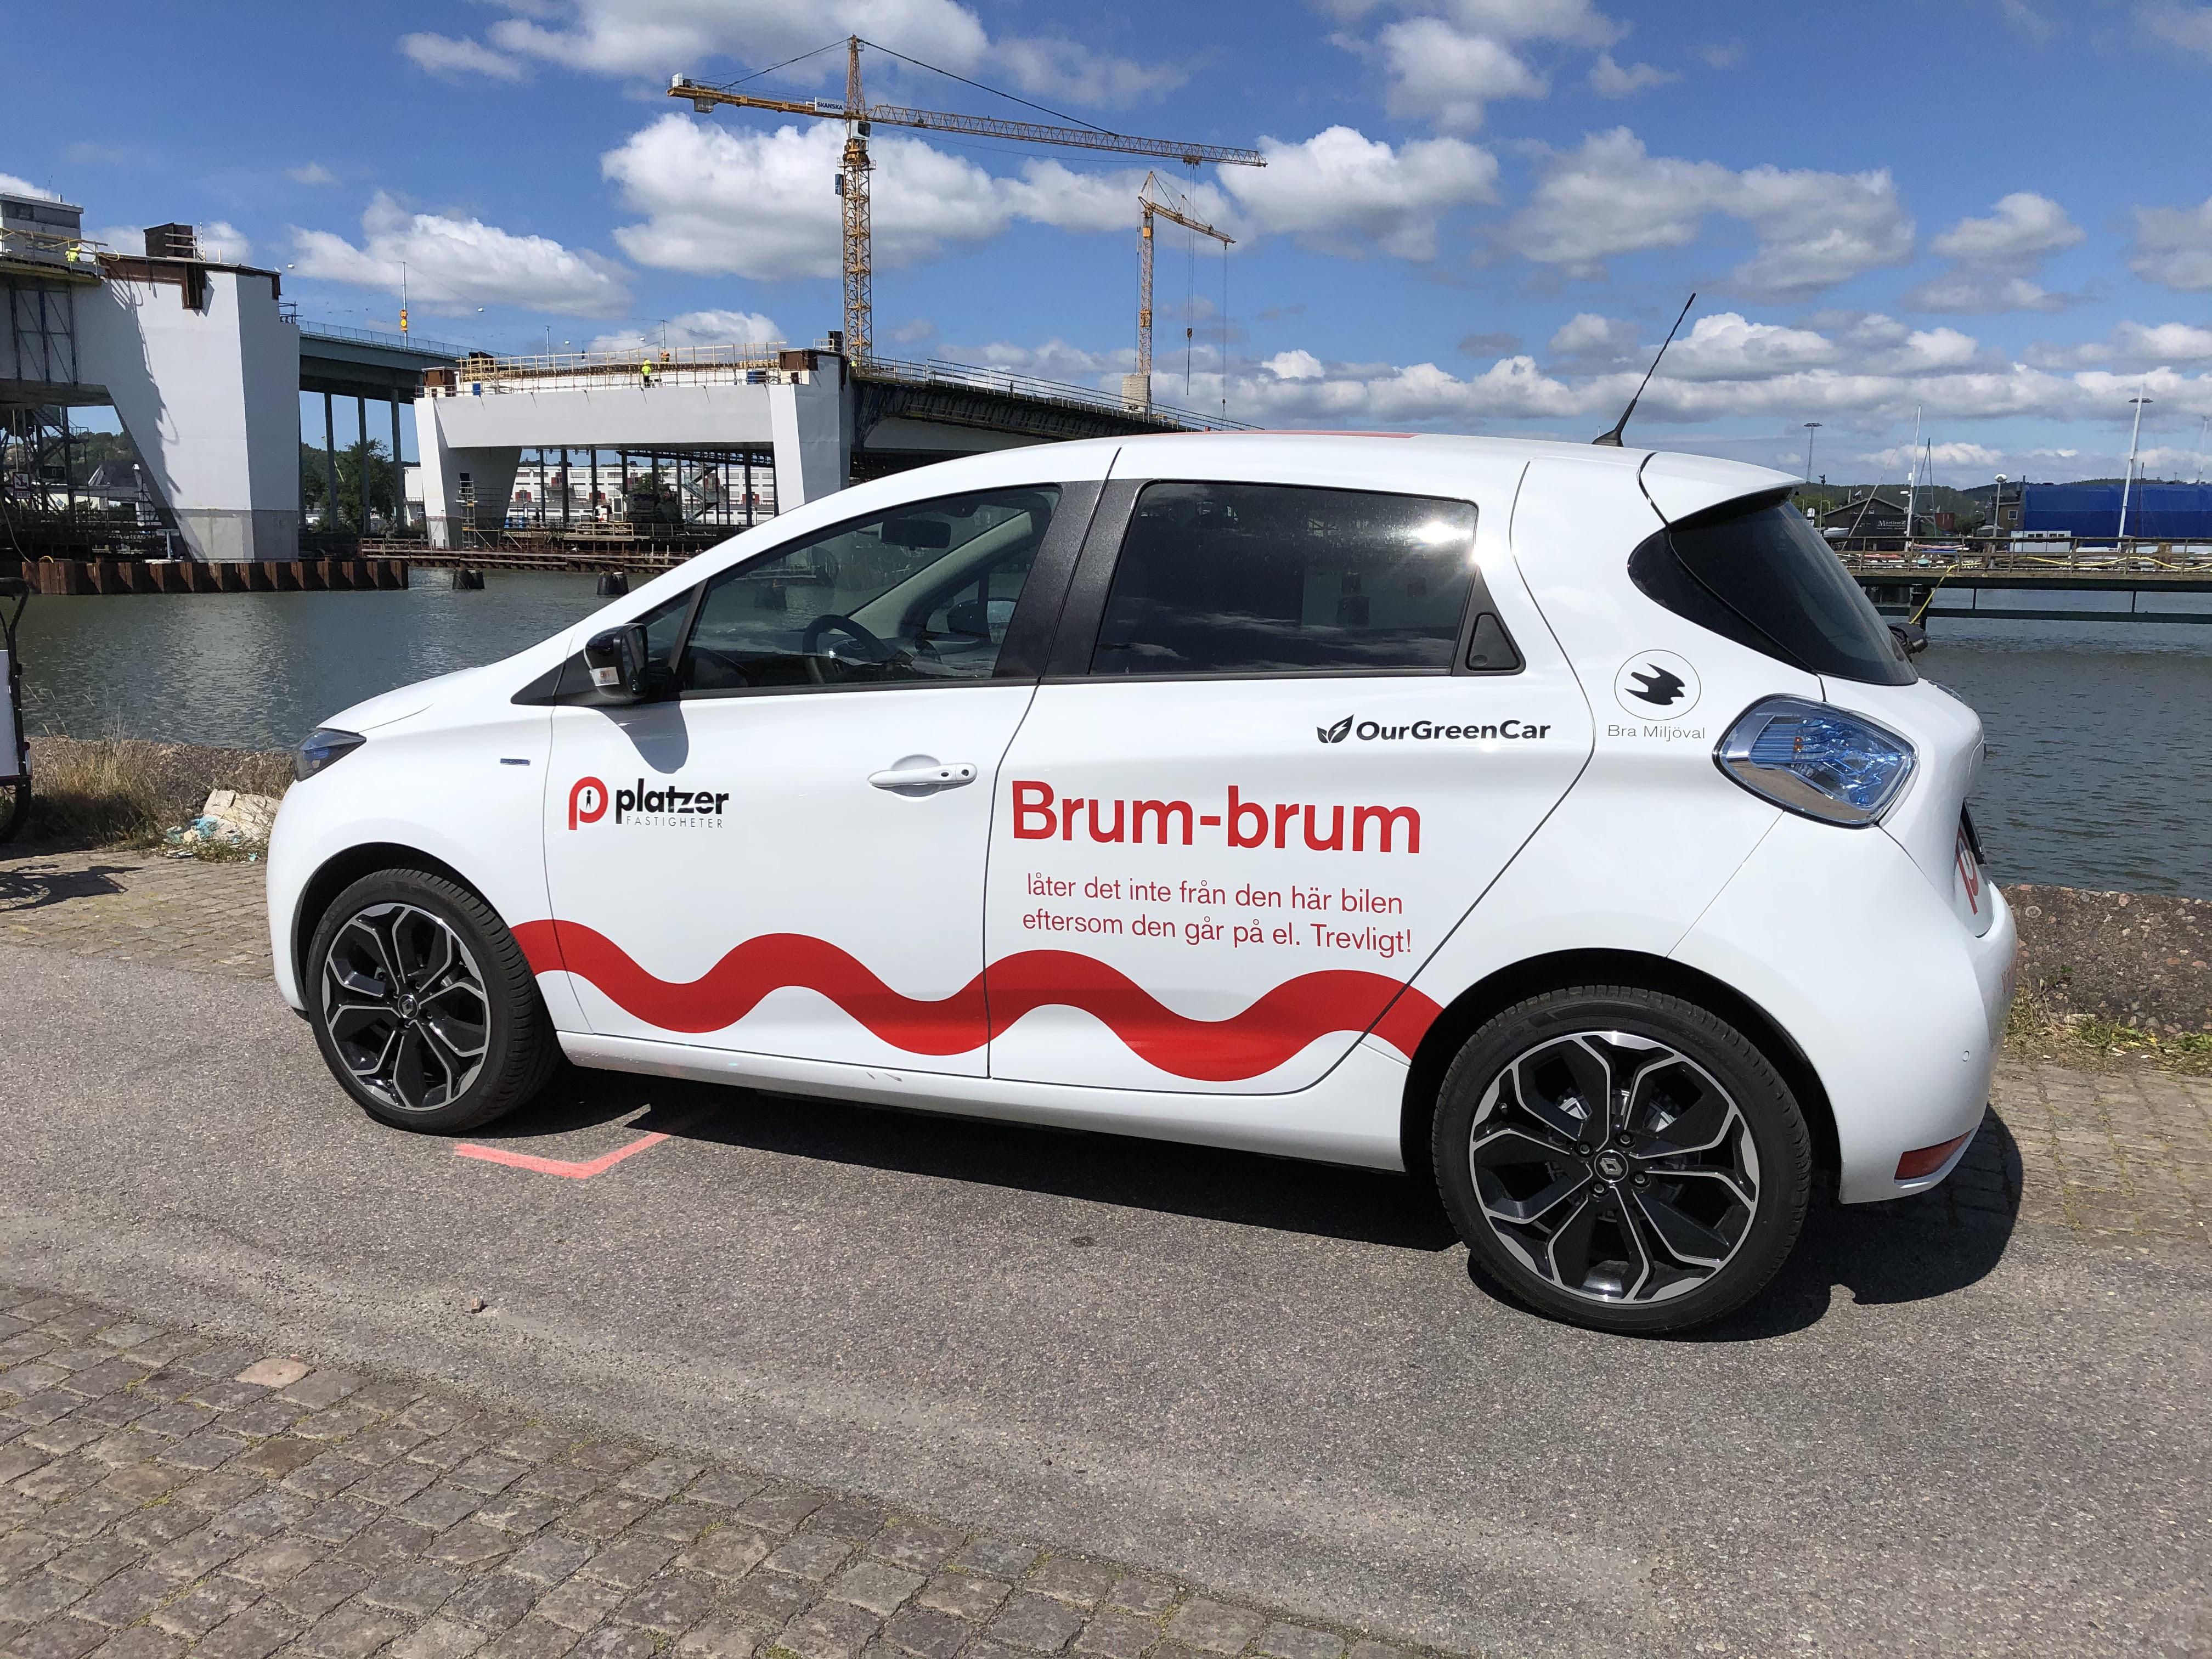 Platzers företagsbilar genom bilpool hos OurGreenCar